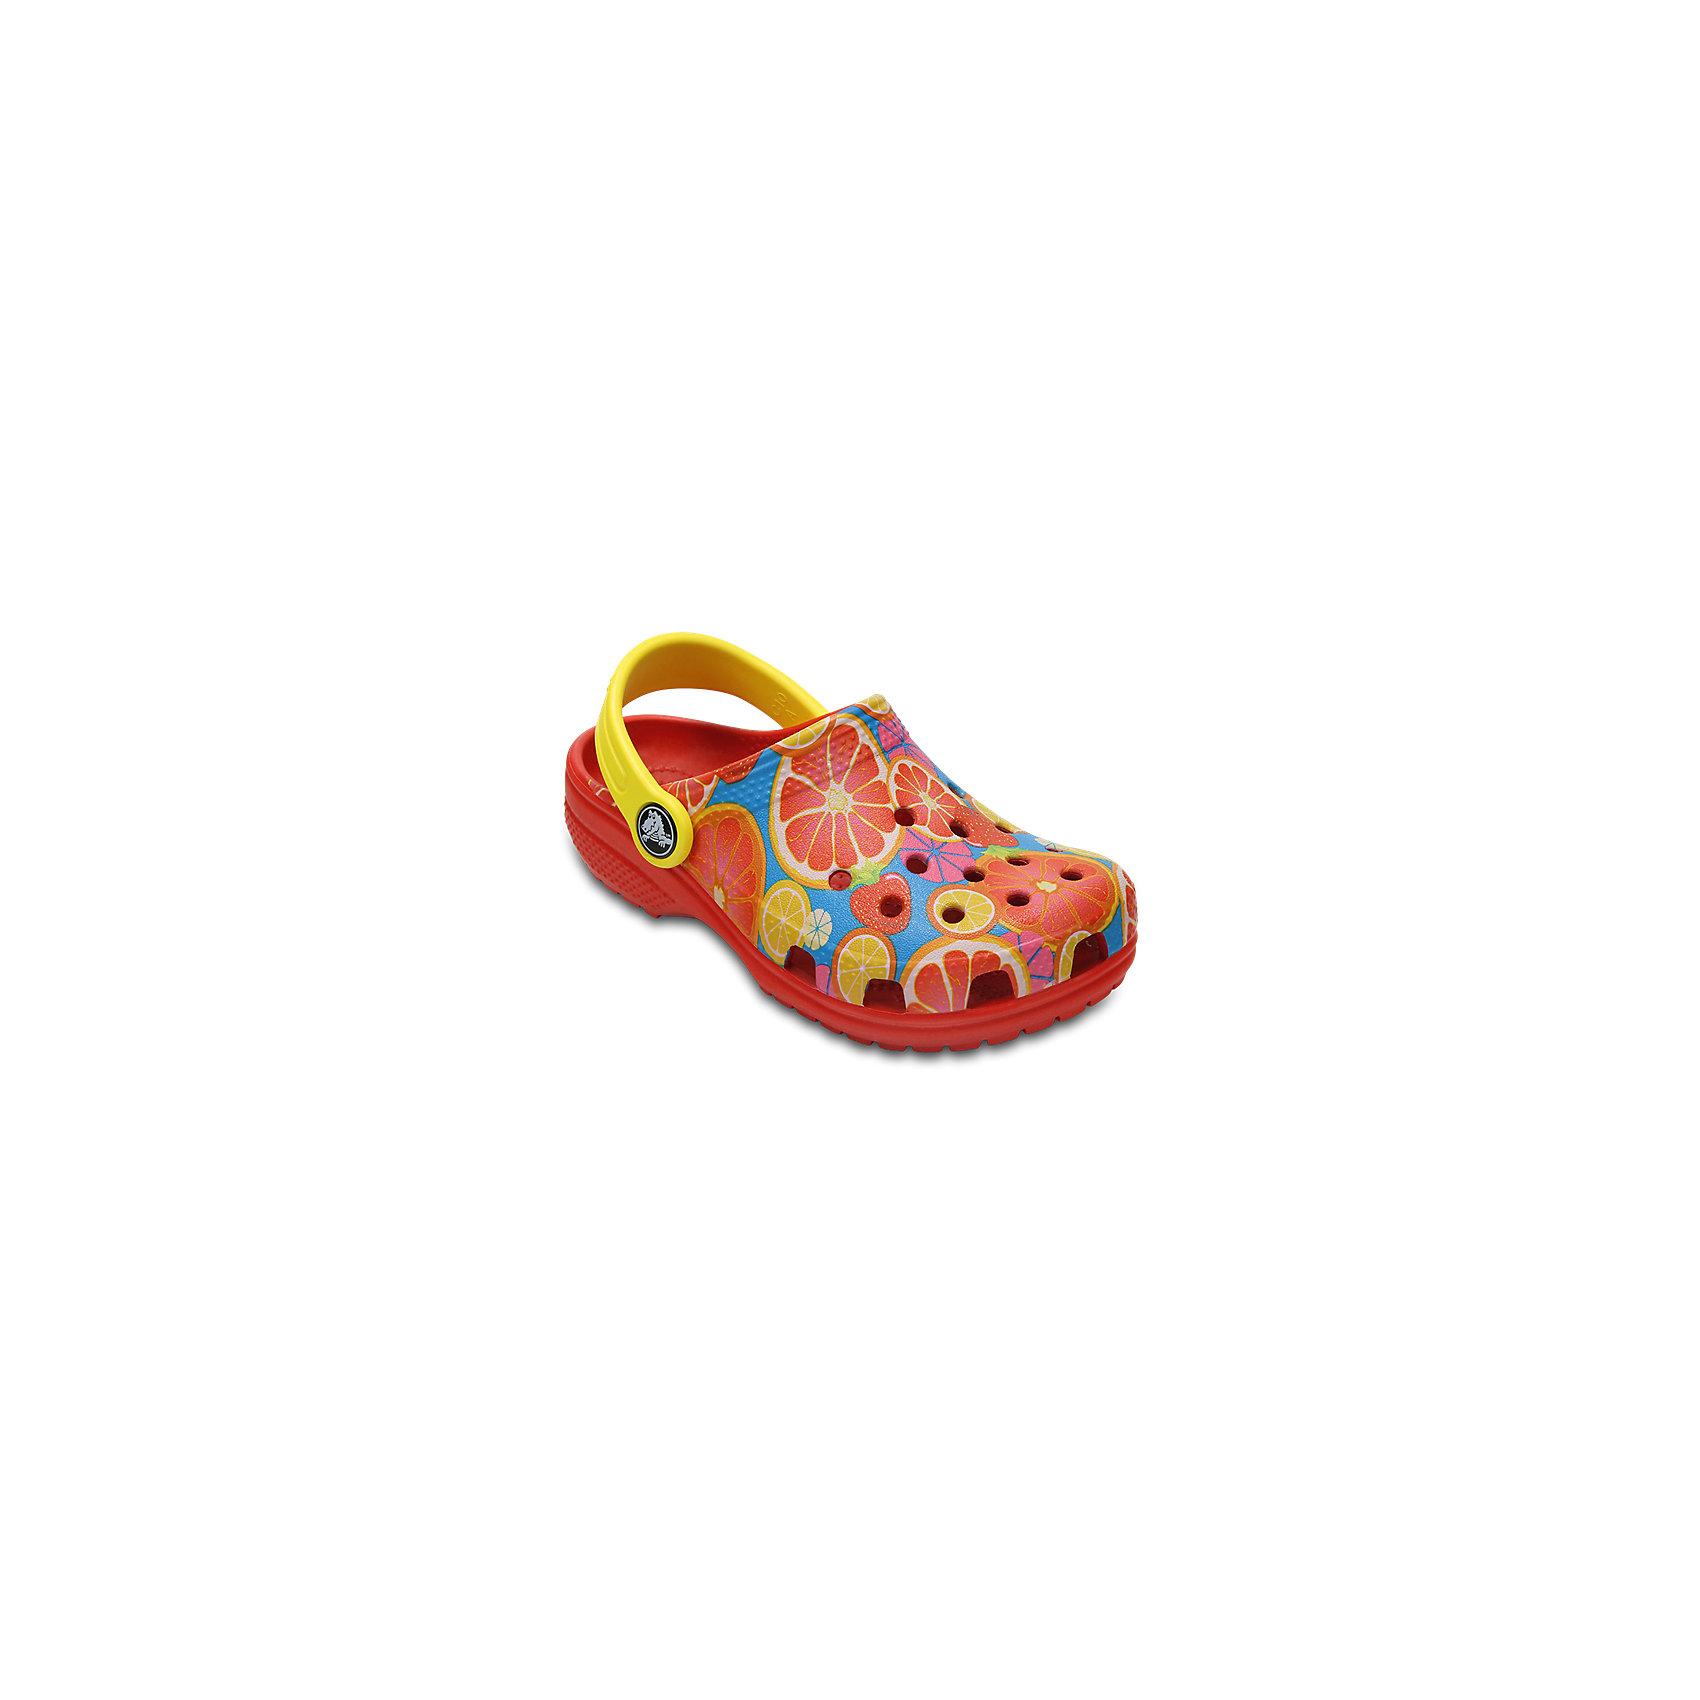 Сабо Kids Classic, CROCSПляжная обувь<br>Характеристики товара:<br><br>• цвет: красный<br>• принт: Фрукты<br>• сезон: лето<br>• тип: пляжная обувь<br>• материал: 100% полимер Croslite™<br>• под воздействием температуры тела принимают форму стопы<br>• полностью литая модель<br>• вентиляционные отверстия<br>• бактериостатичный материал<br>• пяточный ремешок фиксирует стопу<br>• отверстия для использования украшений<br>• анатомическая стелька с массажными точками<br>• страна бренда: США<br>• страна изготовитель: Китай<br><br>Для правильного развития ребенка крайне важно, чтобы обувь была удобной.<br><br>Такие сабо обеспечивают детям необходимый комфорт, а анатомическая стелька с массажными линиями для стимуляции кровообращения позволяет ножкам дольше не уставать. <br><br>Сабо легко надеваются и снимаются, отлично сидят на ноге. <br><br>Материал, из которого они сделаны, не дает размножаться бактериям, поэтому такая обувь препятствует образованию неприятного запаха и появлению болезней стоп.<br><br>Обувь от американского бренда Crocs в данный момент завоевала широкую популярность во всем мире, и это не удивительно - ведь она невероятно удобна. <br><br>Её носят врачи, спортсмены, звёзды шоу-бизнеса, люди, которым много времени приходится бывать на ногах - они понимают, как важна комфортная обувь. <br><br>Продукция Crocs - это качественные товары, созданные с применением новейших технологий. <br><br>Обувь отличается стильным дизайном и продуманной конструкцией. Изделие производится из качественных и проверенных материалов, которые безопасны для детей.<br><br>Сабо Kids Classic от торговой марки Crocs можно купить в нашем интернет-магазине.<br><br>Ширина мм: 225<br>Глубина мм: 139<br>Высота мм: 112<br>Вес г: 290<br>Цвет: красный<br>Возраст от месяцев: 36<br>Возраст до месяцев: 48<br>Пол: Унисекс<br>Возраст: Детский<br>Размер: 27,28,29,30,21,22,23,25,26,31/32,33/34,34/35,24<br>SKU: 5416428